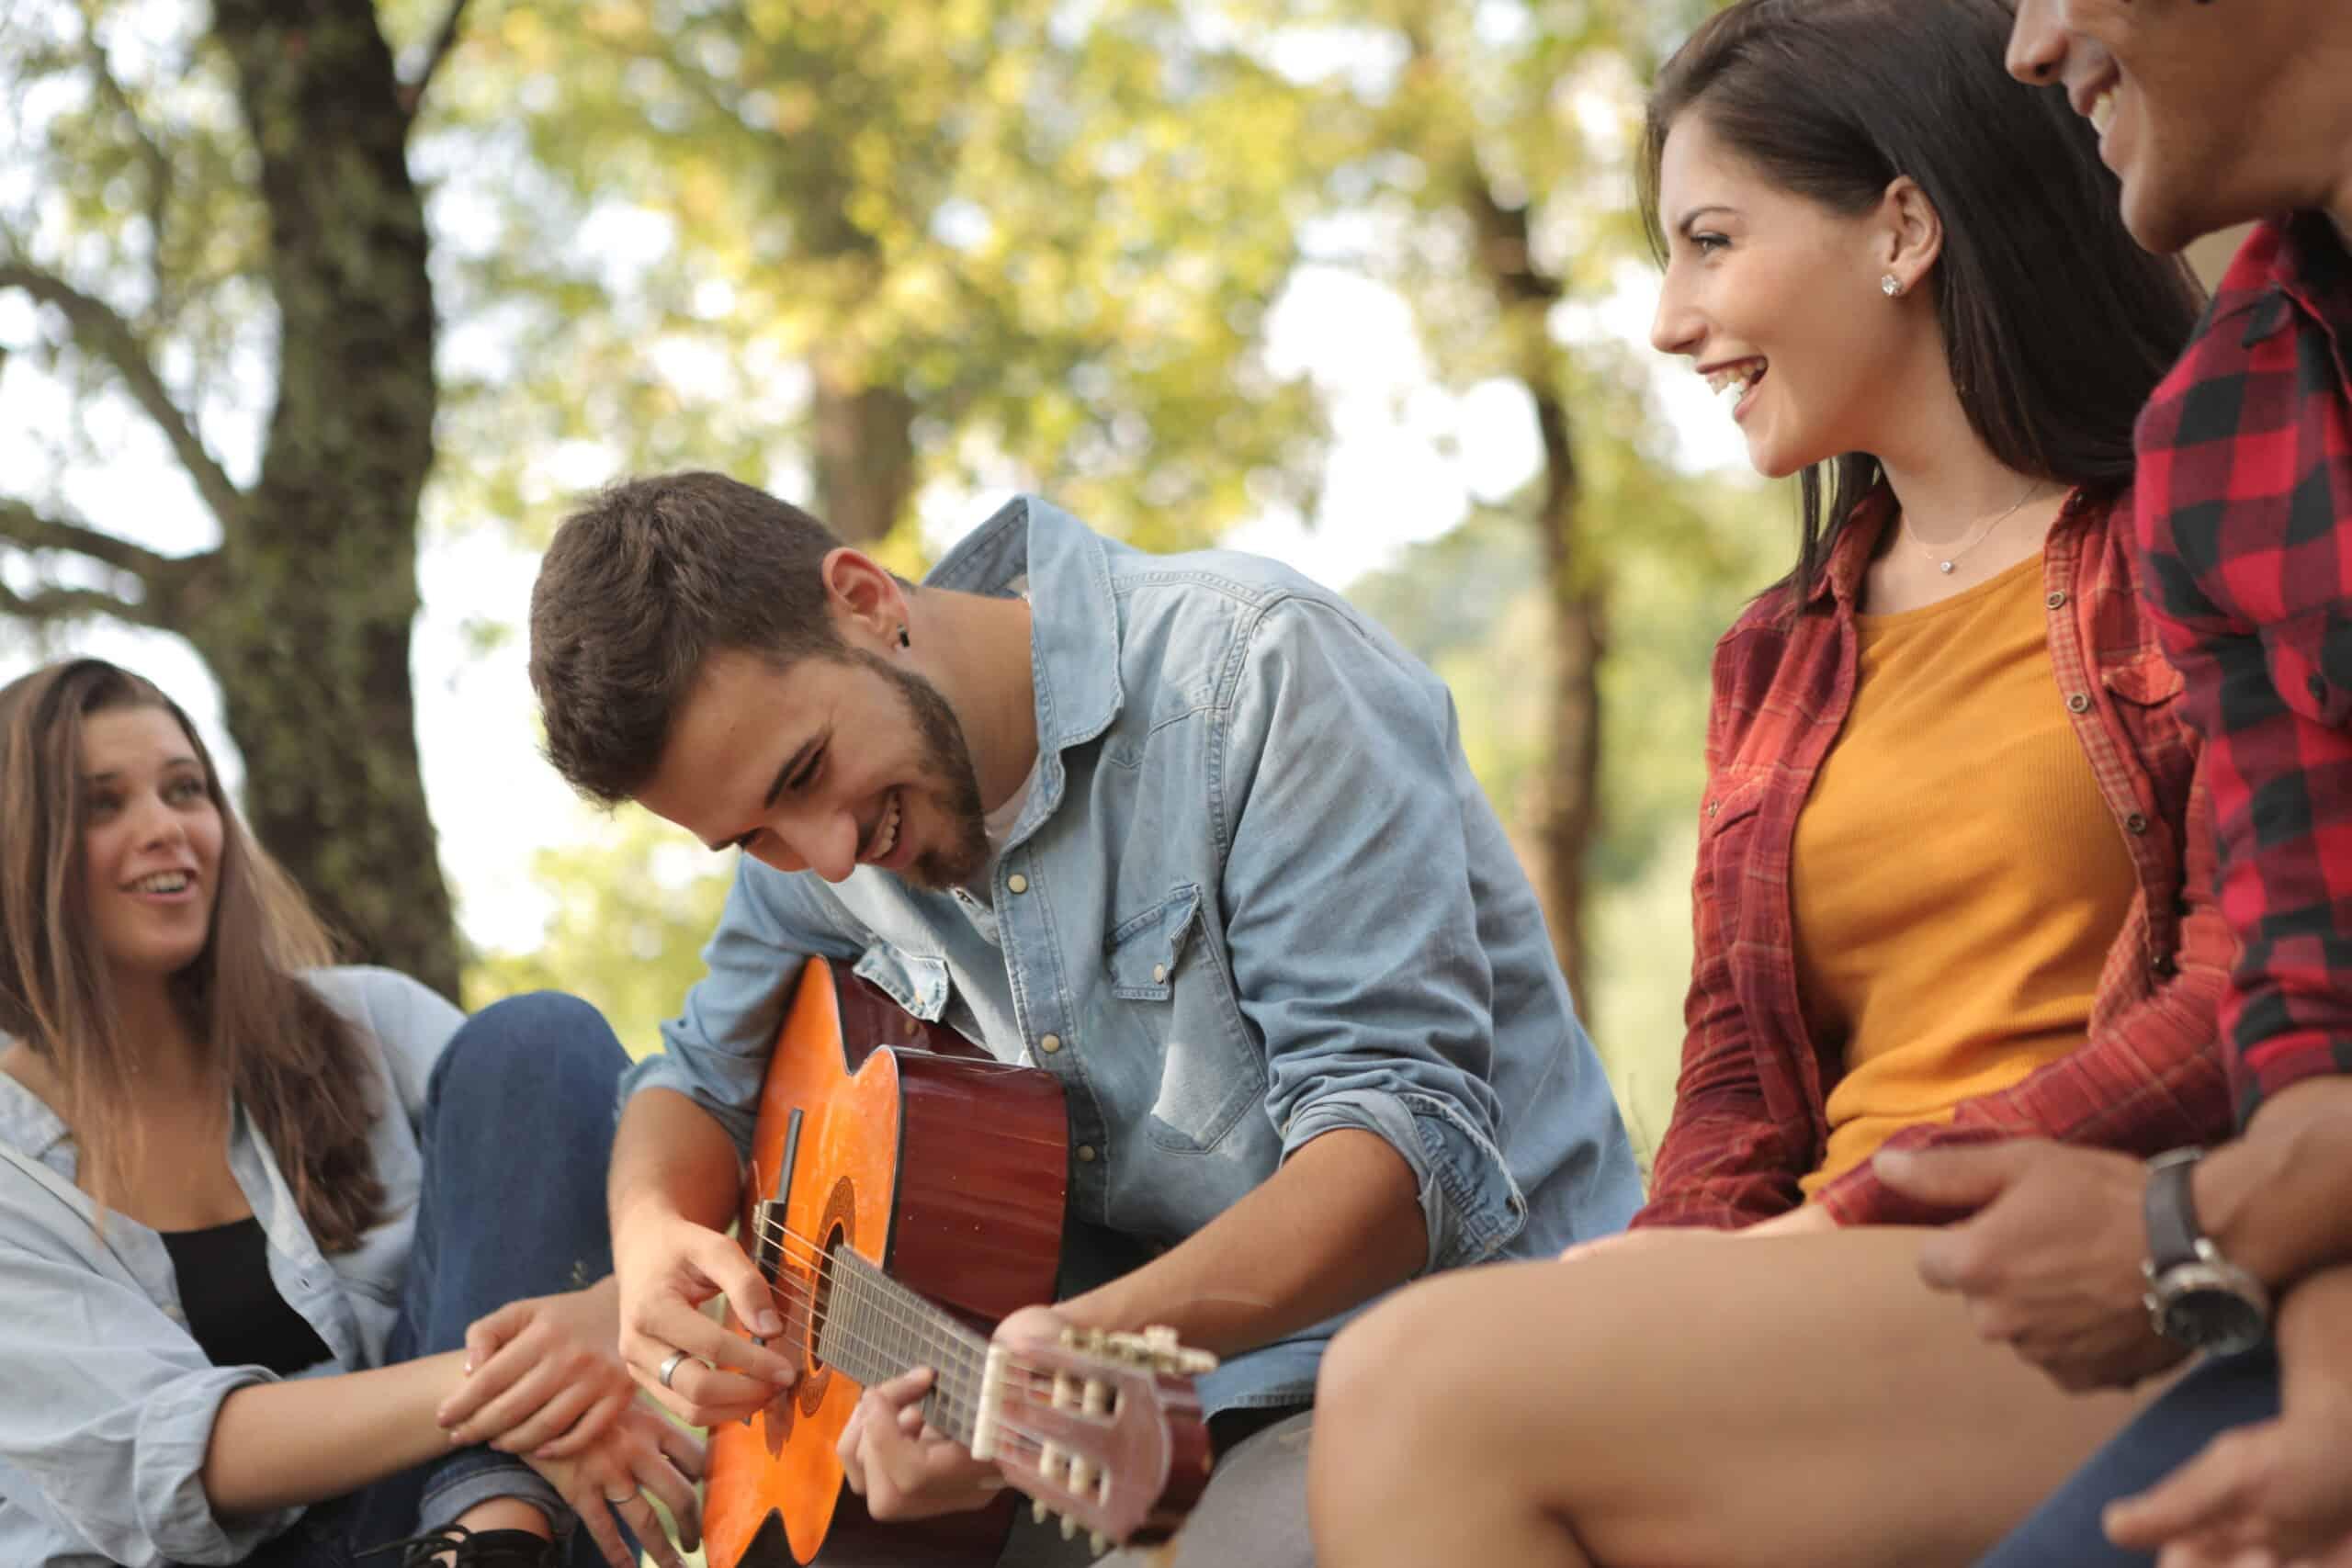 20 canciones para animar una fiesta con la guitarra